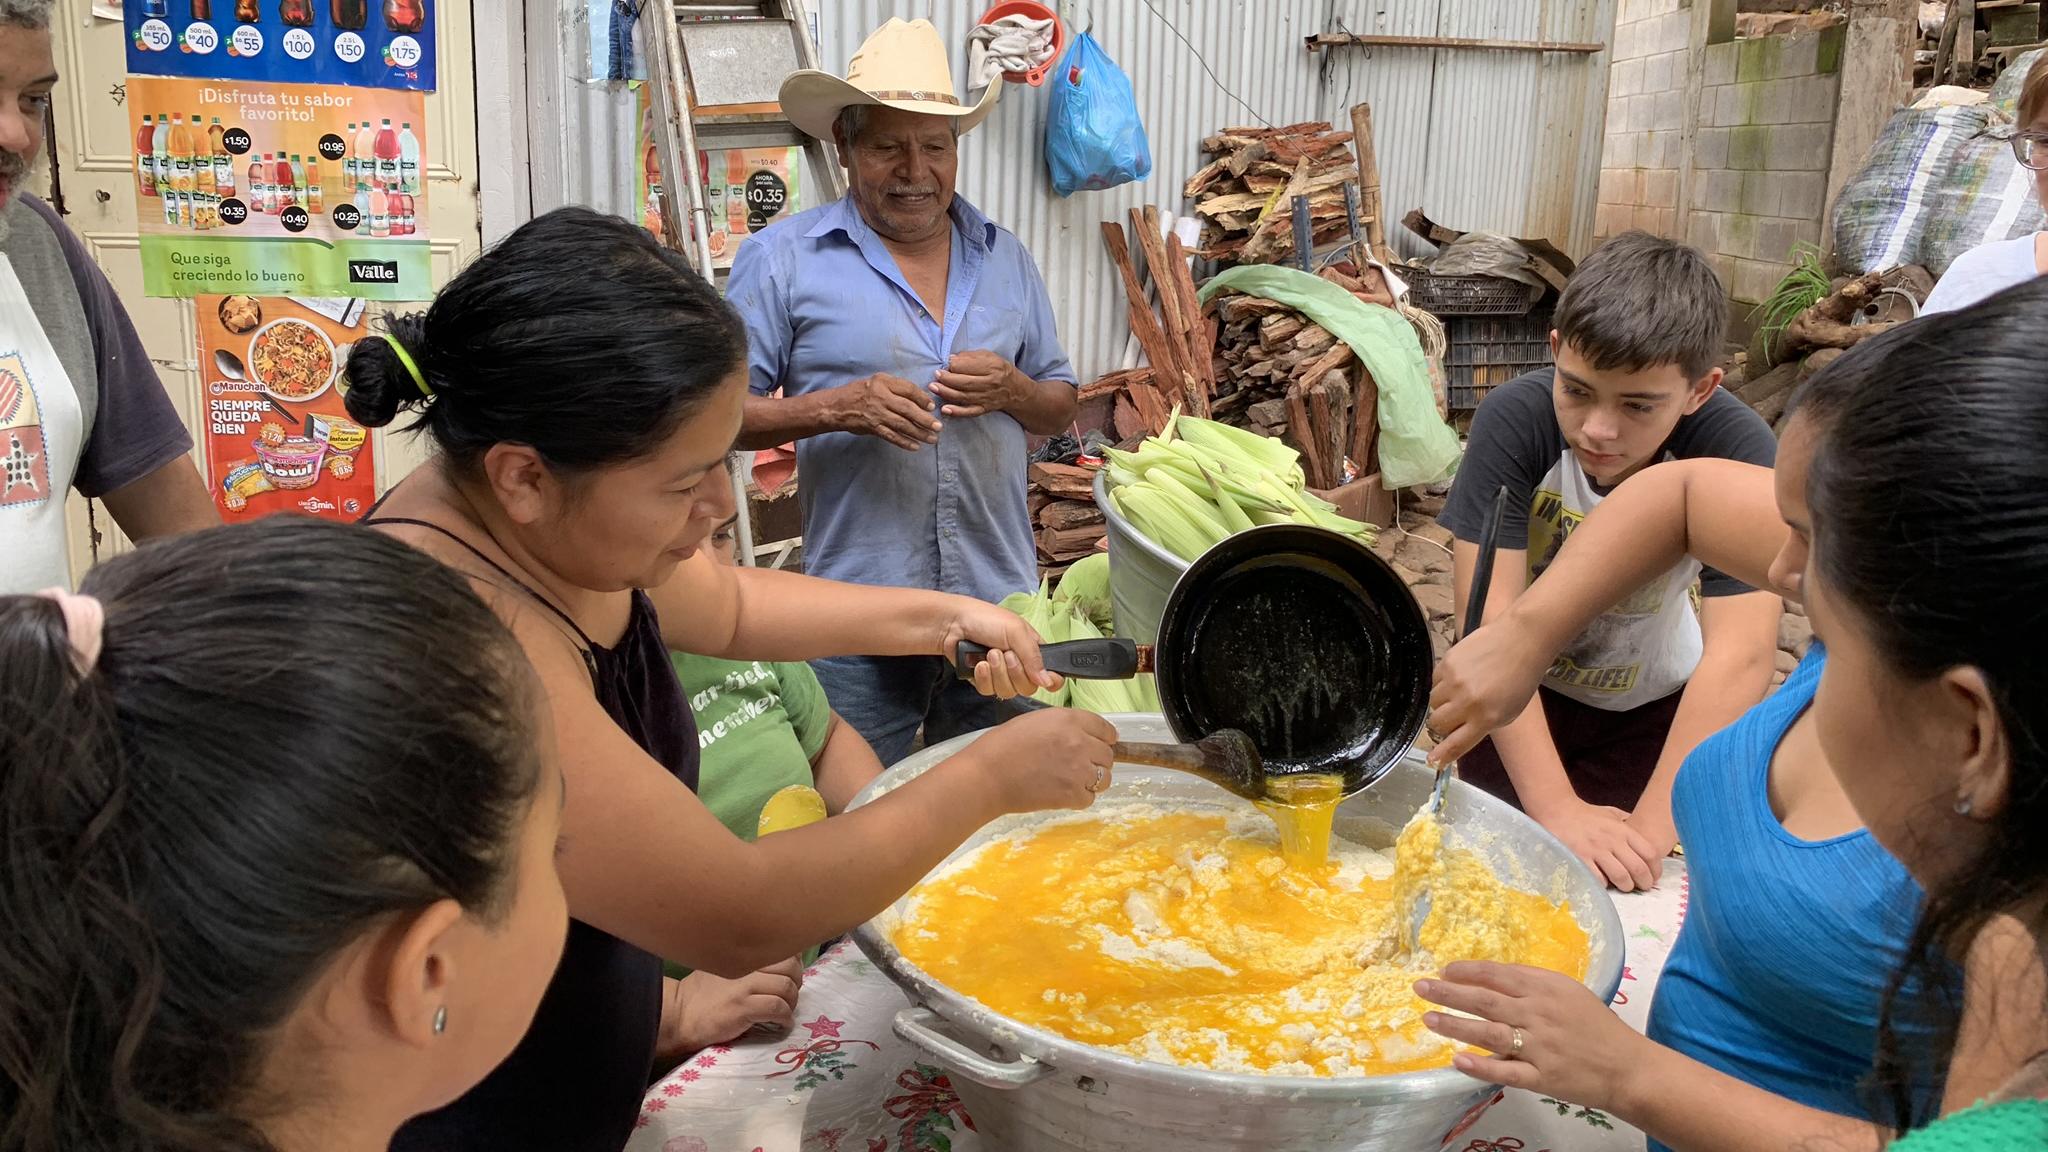 In El Salvador, corn harvest brings together families split by migration